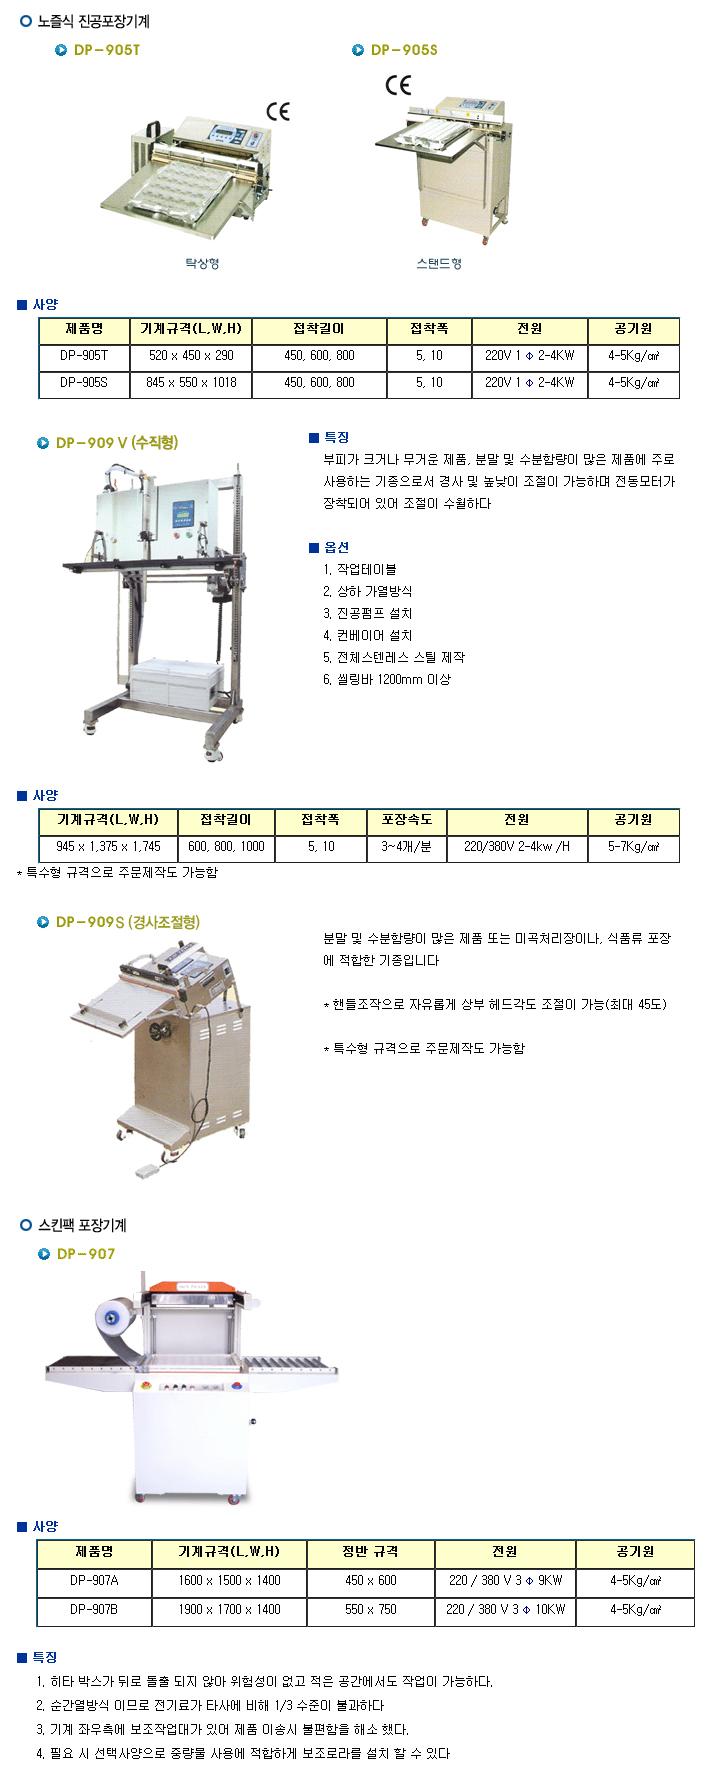 듀팩코리아 노즐식 진공포장기계 & 스킨팩 포장기계